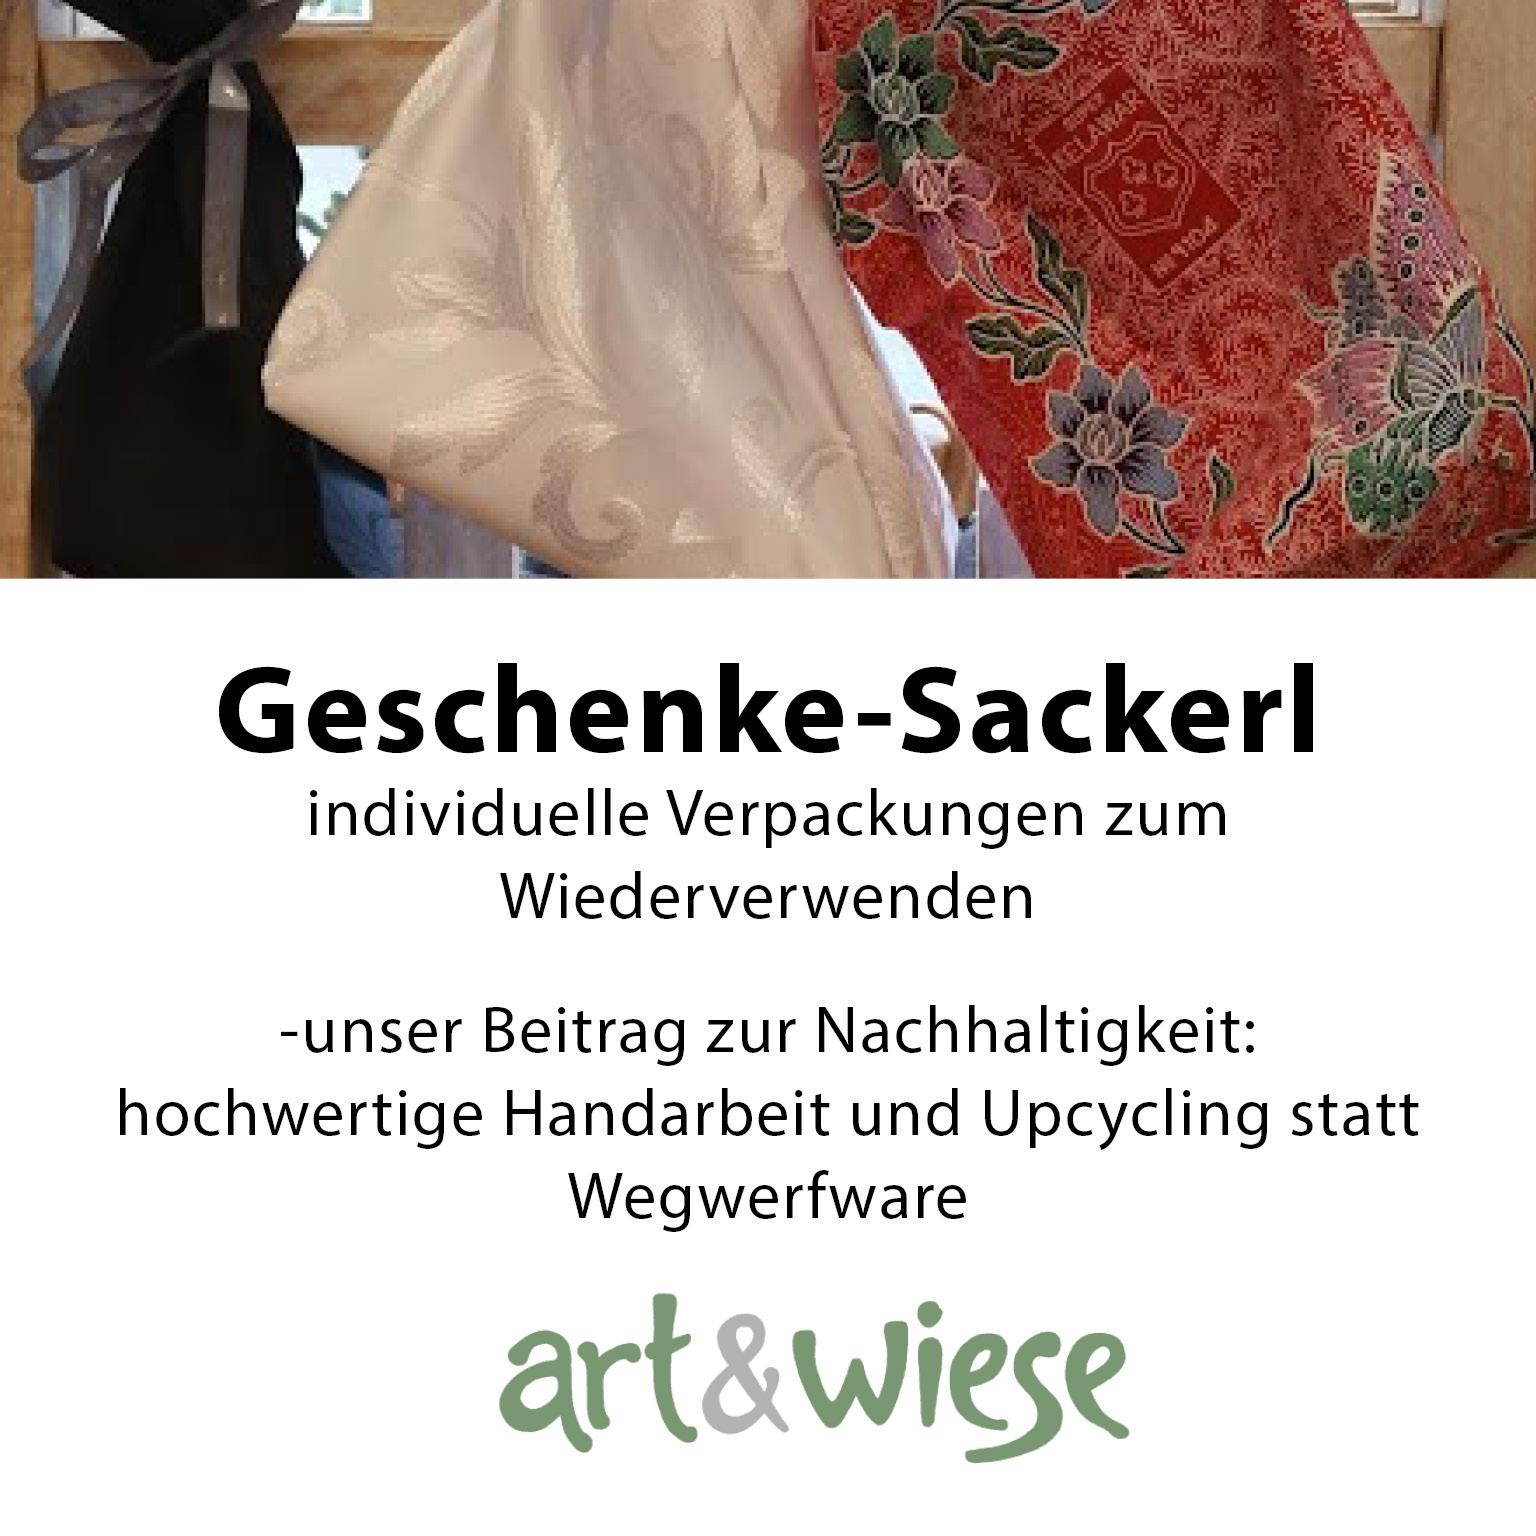 2019_geschenkesackerln_65x65